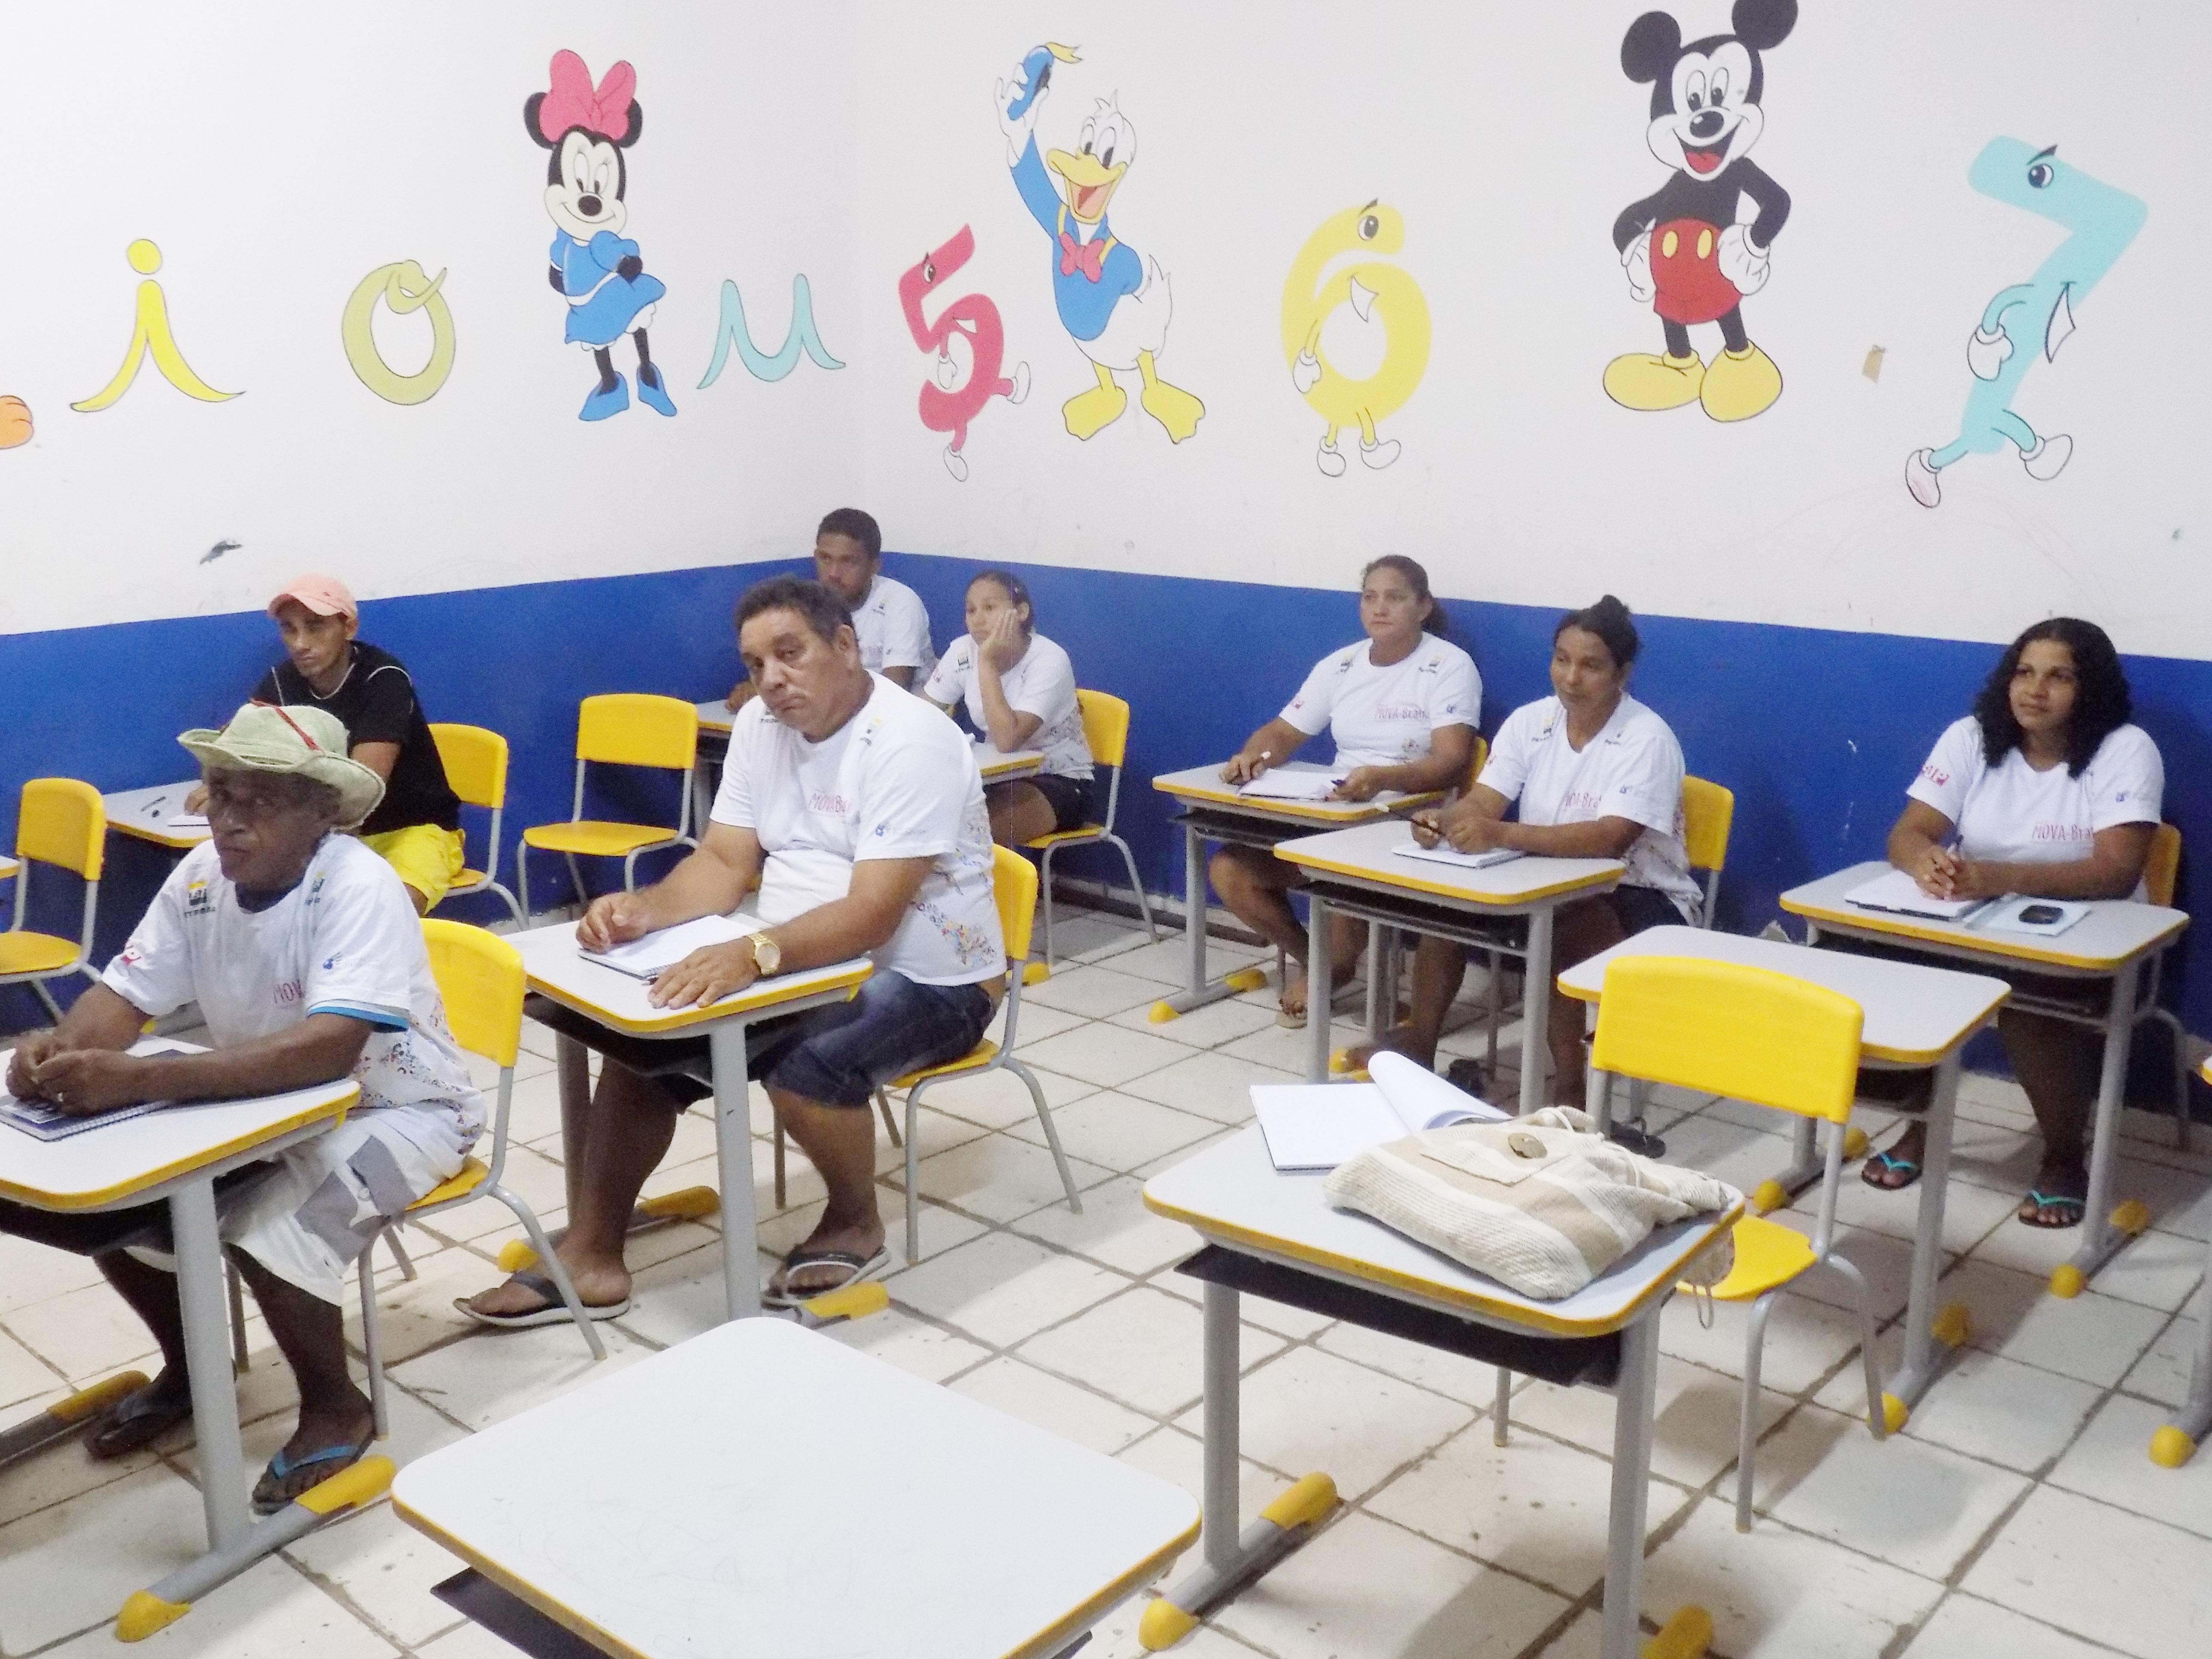 Educandos Turma monitora Maria Luiza Sao Francisco do Maranhao - MA